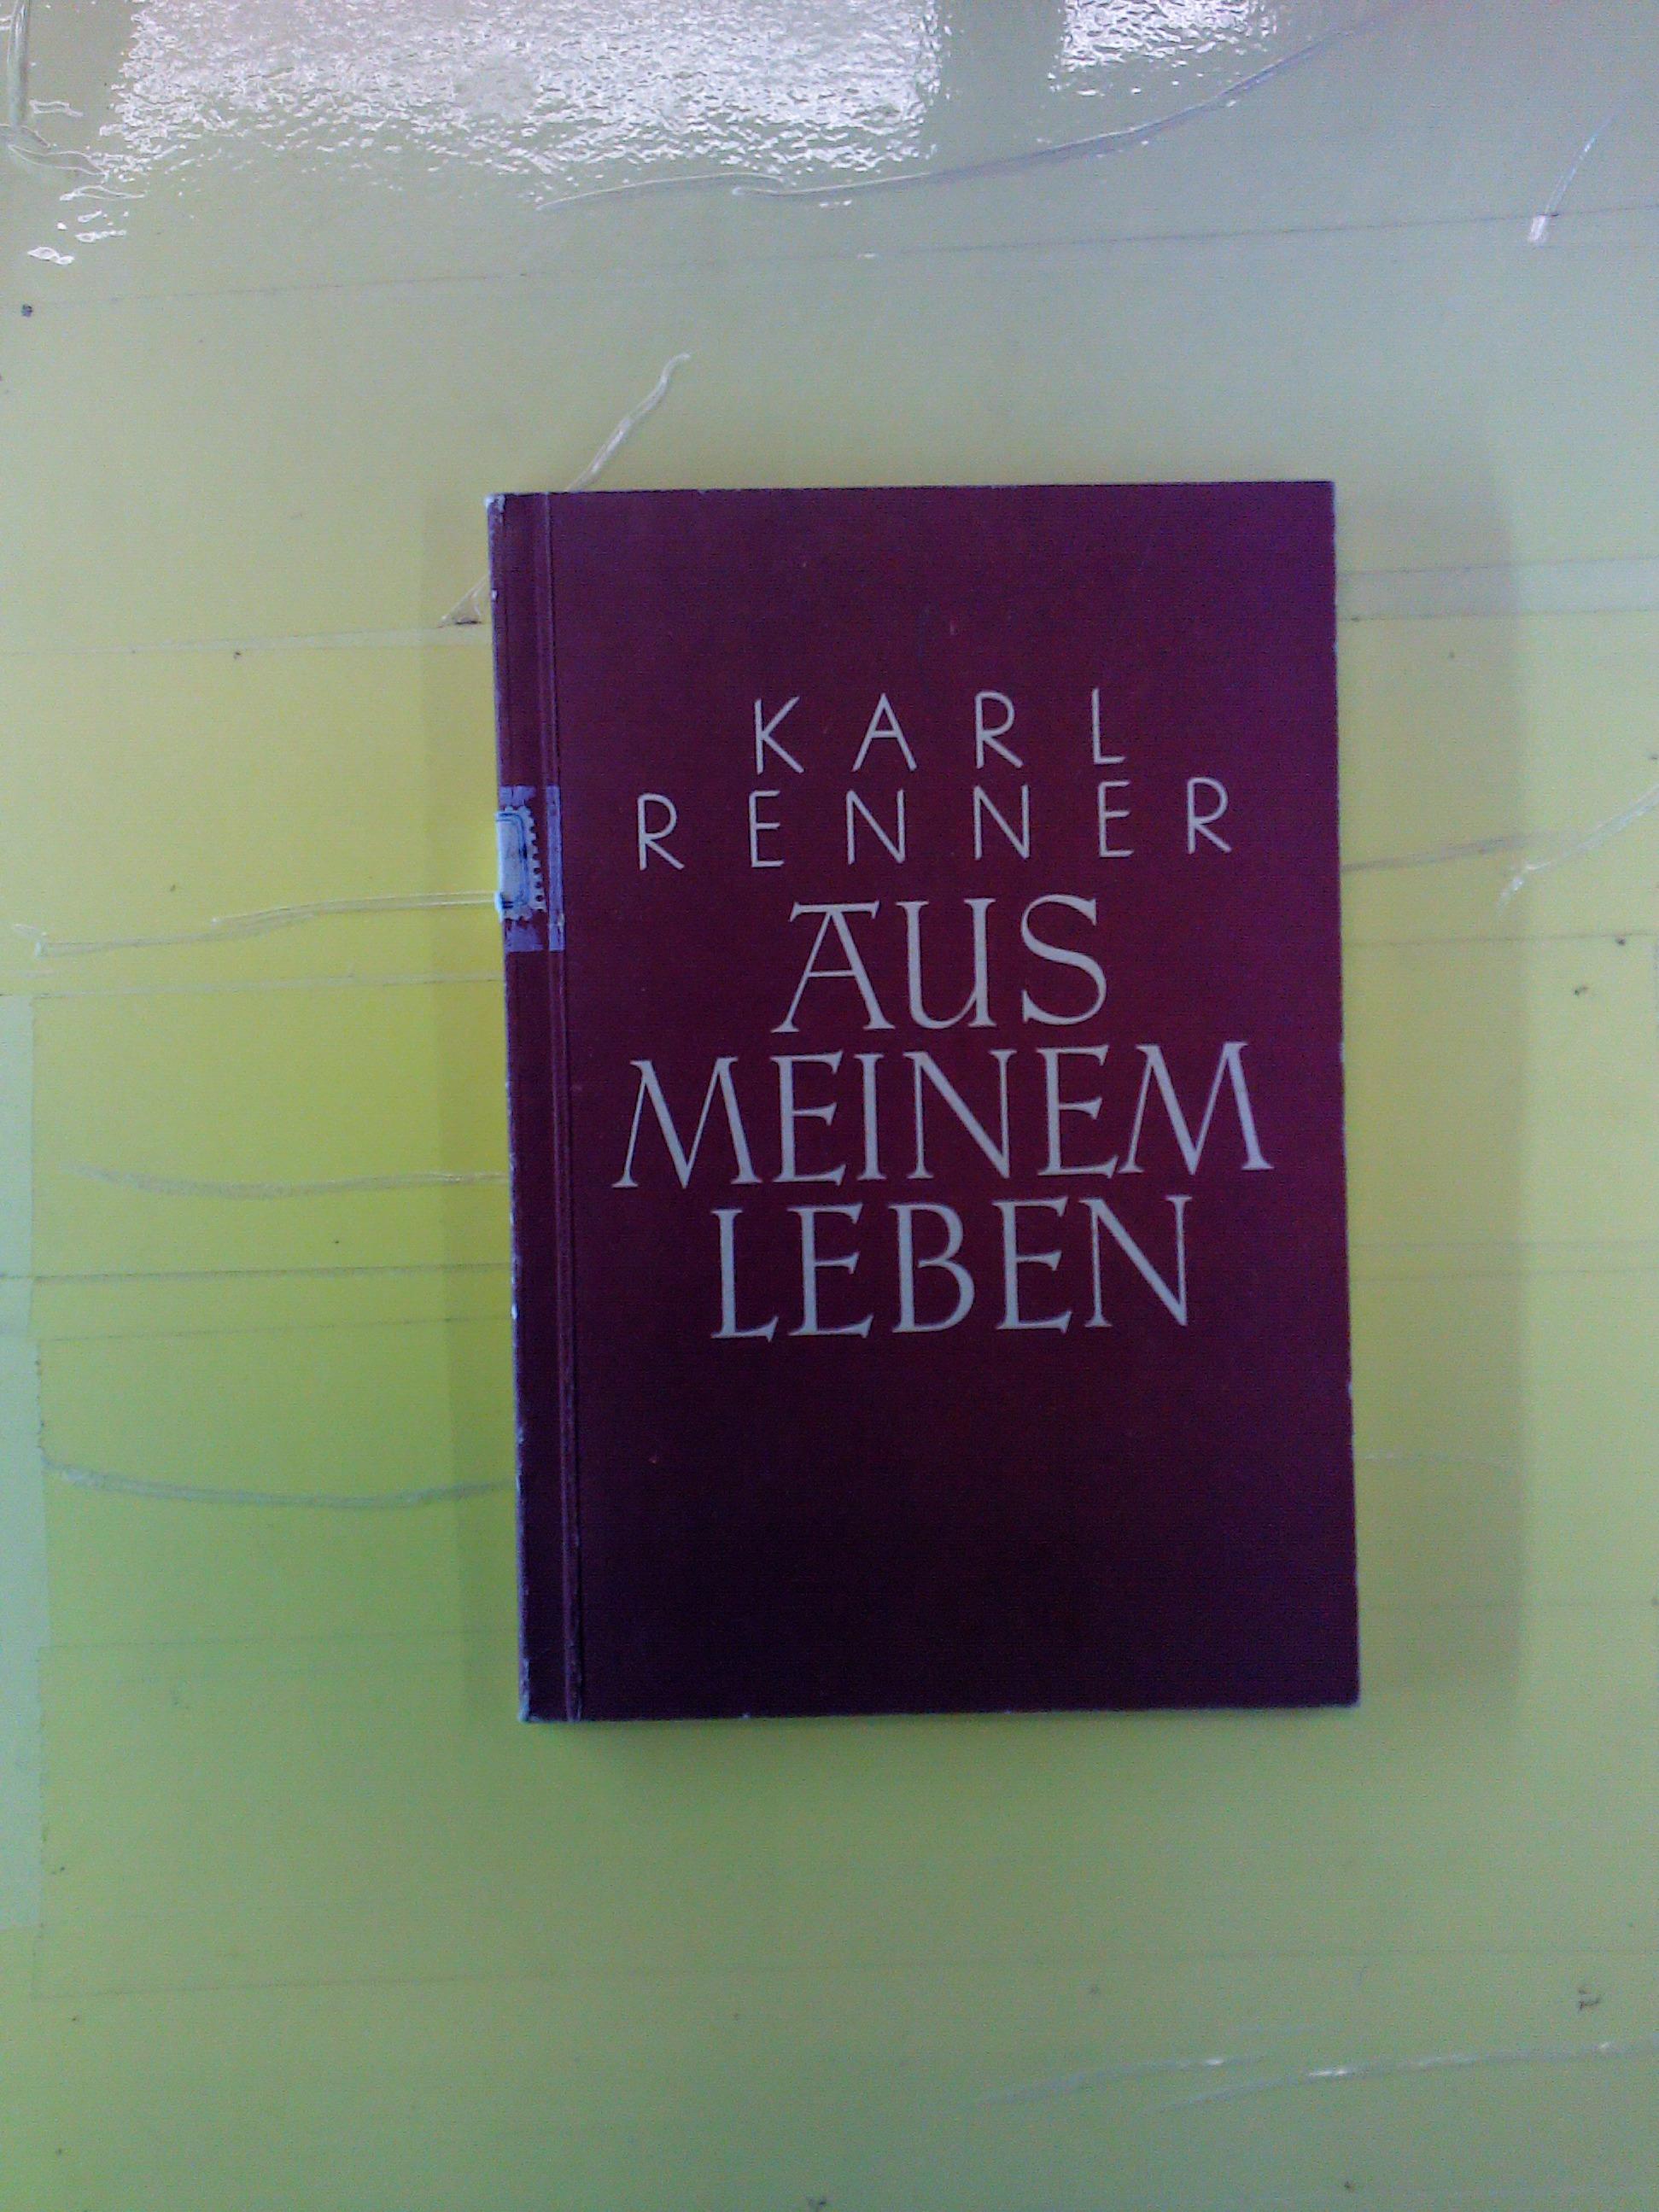 Aus meinem Leben: Karl Renner